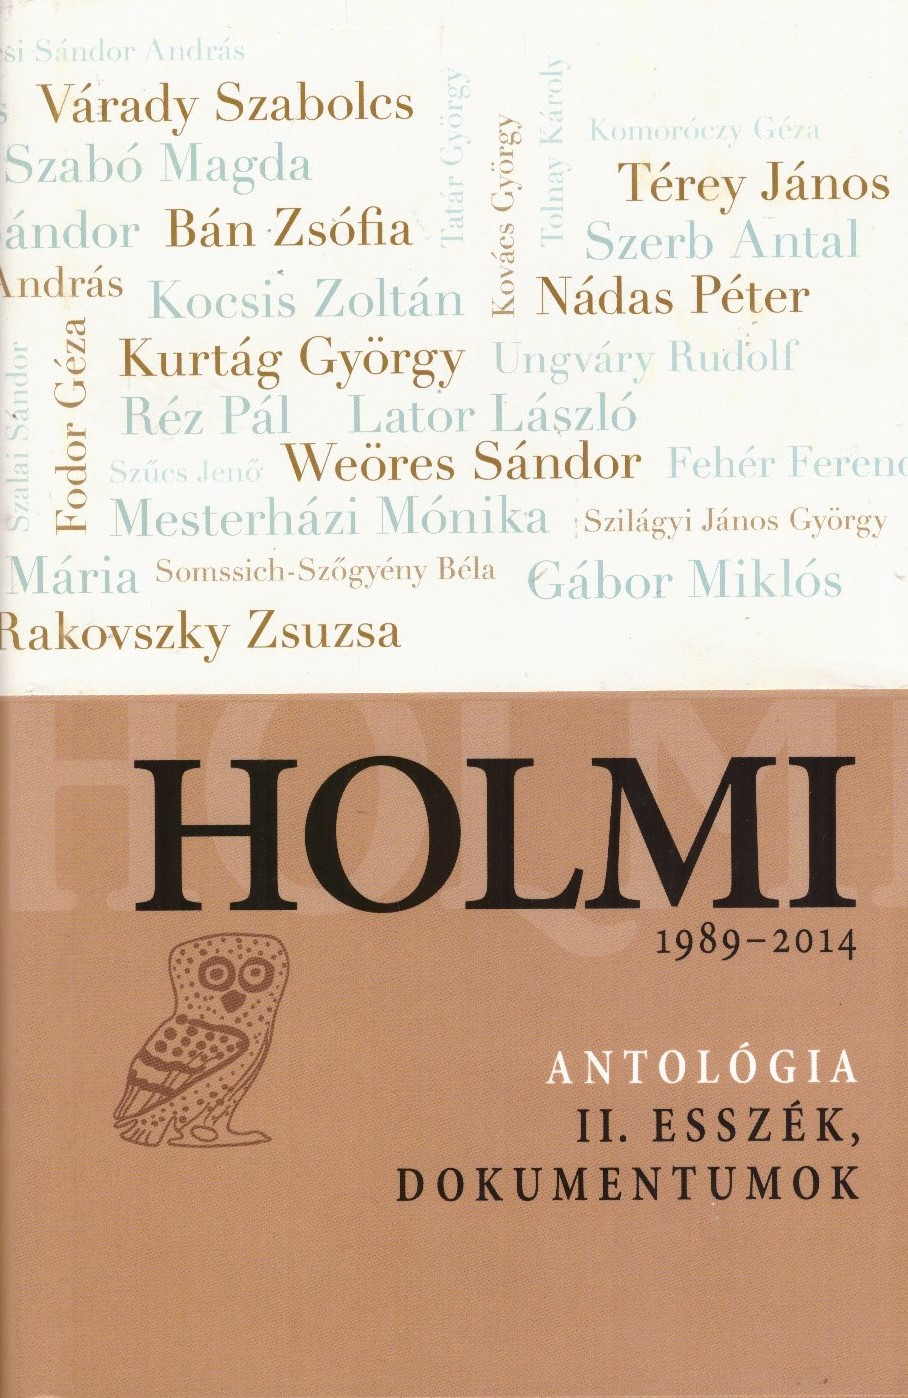 Holmi-antológia 1989—2014